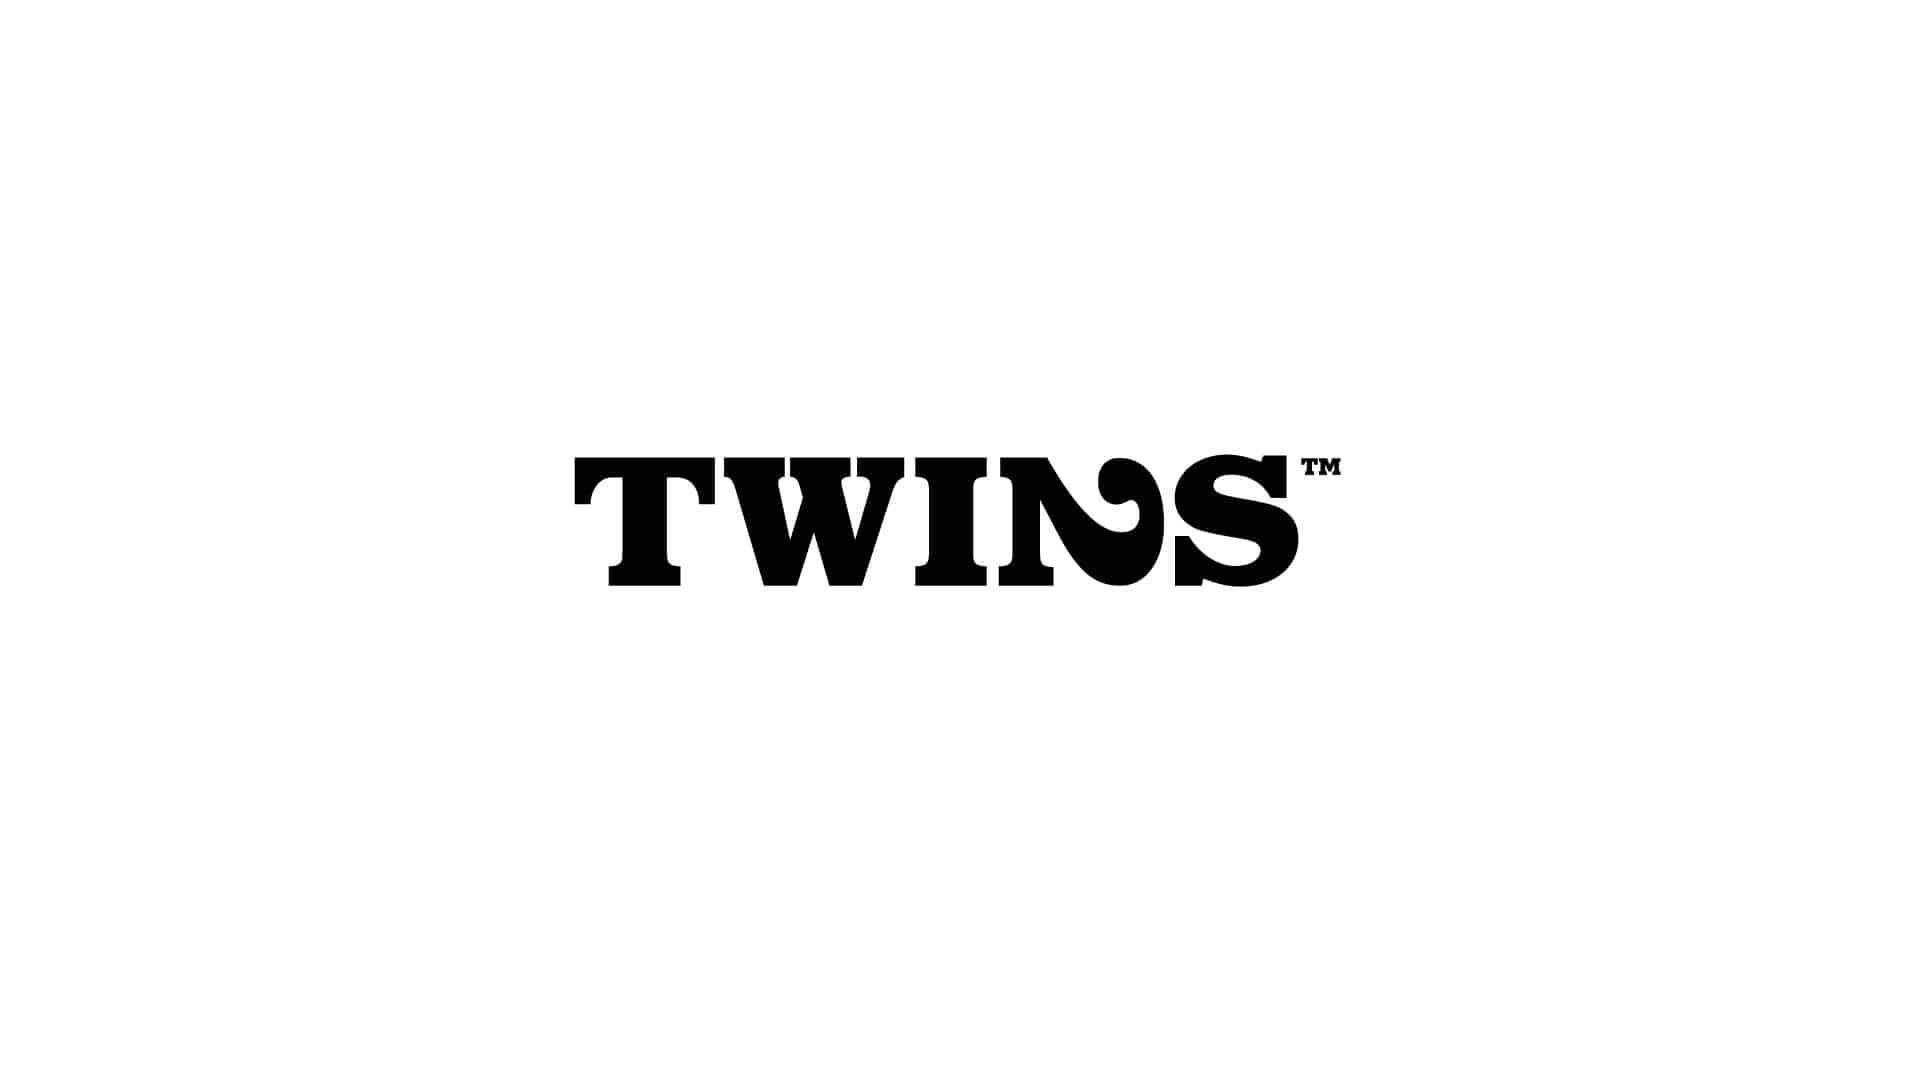 Twins Communication